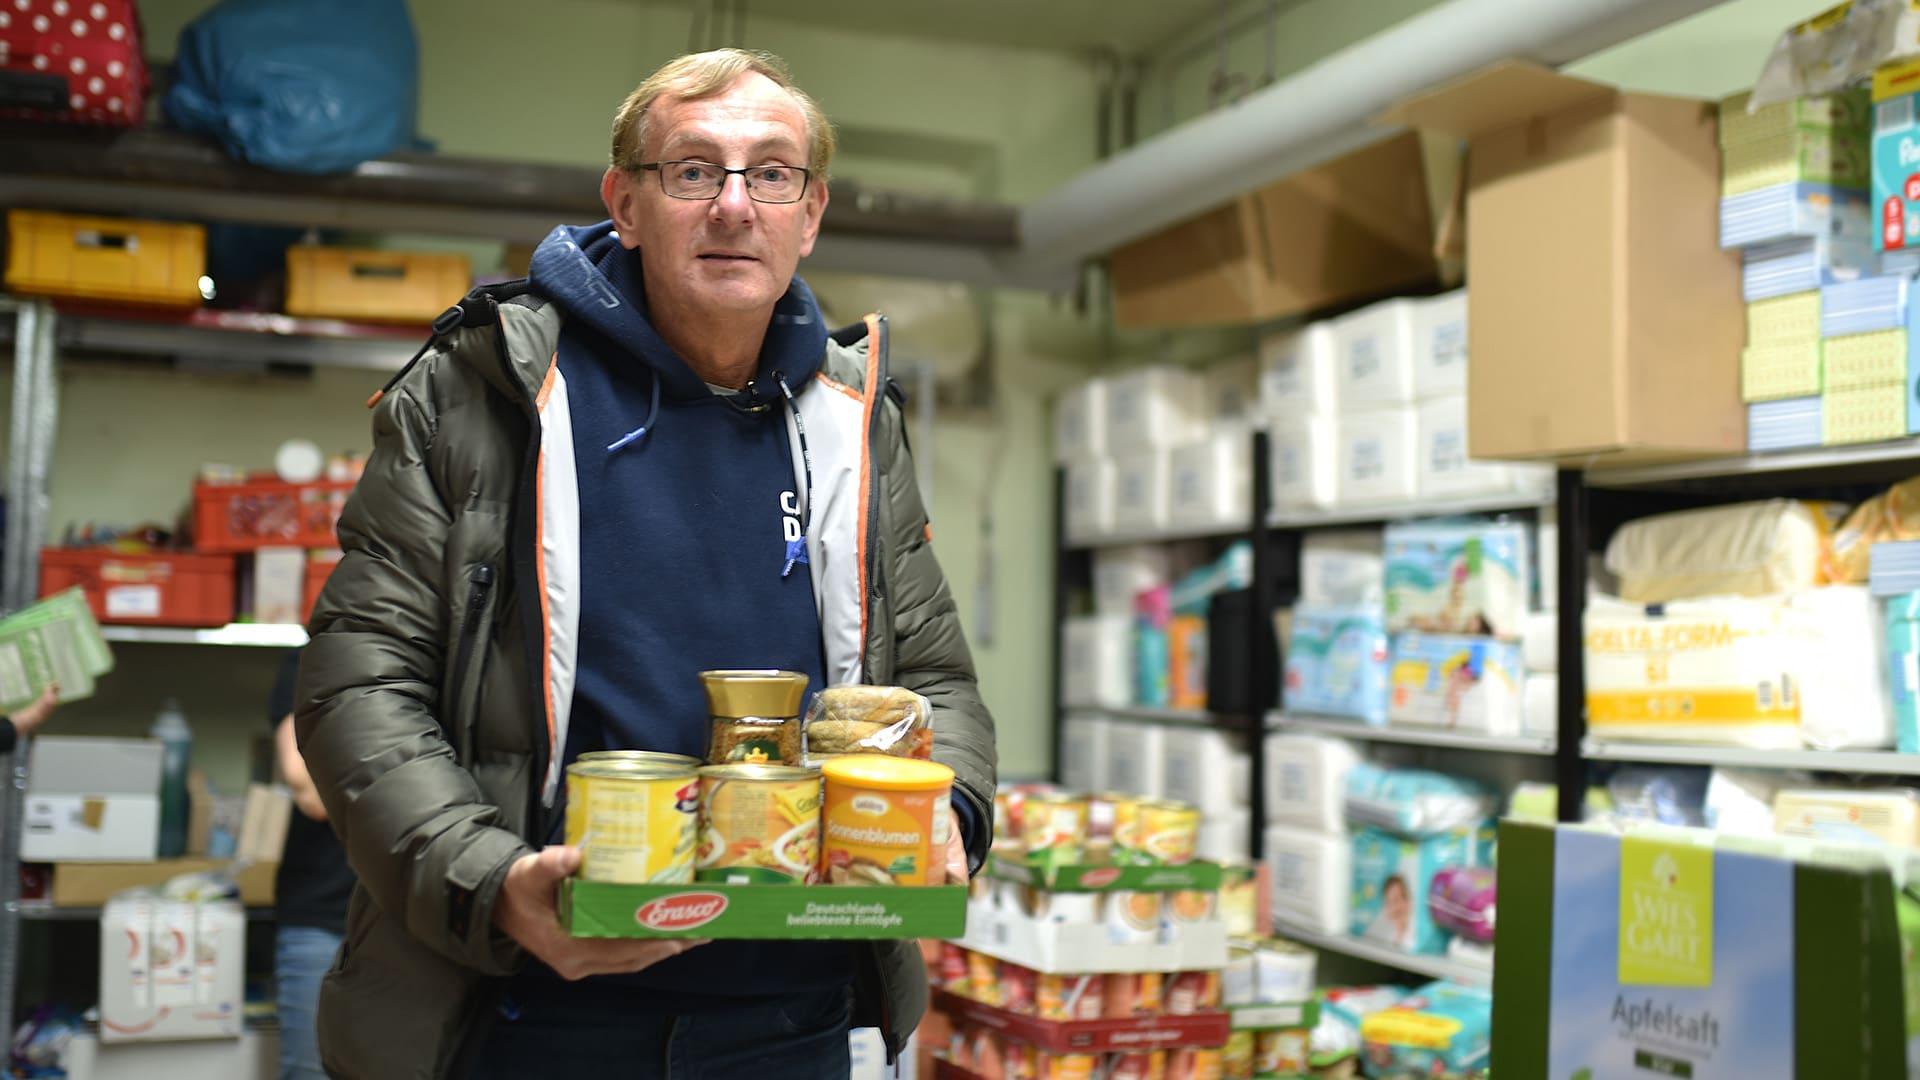 Die Tafeln und andere soziale Einrichtungen haben geschlossen – manche Familien sind aber auf kostenlose Mahlzeiten angewiesen. Die Arche bringt das Essen für die Kinder nun nach Hause.